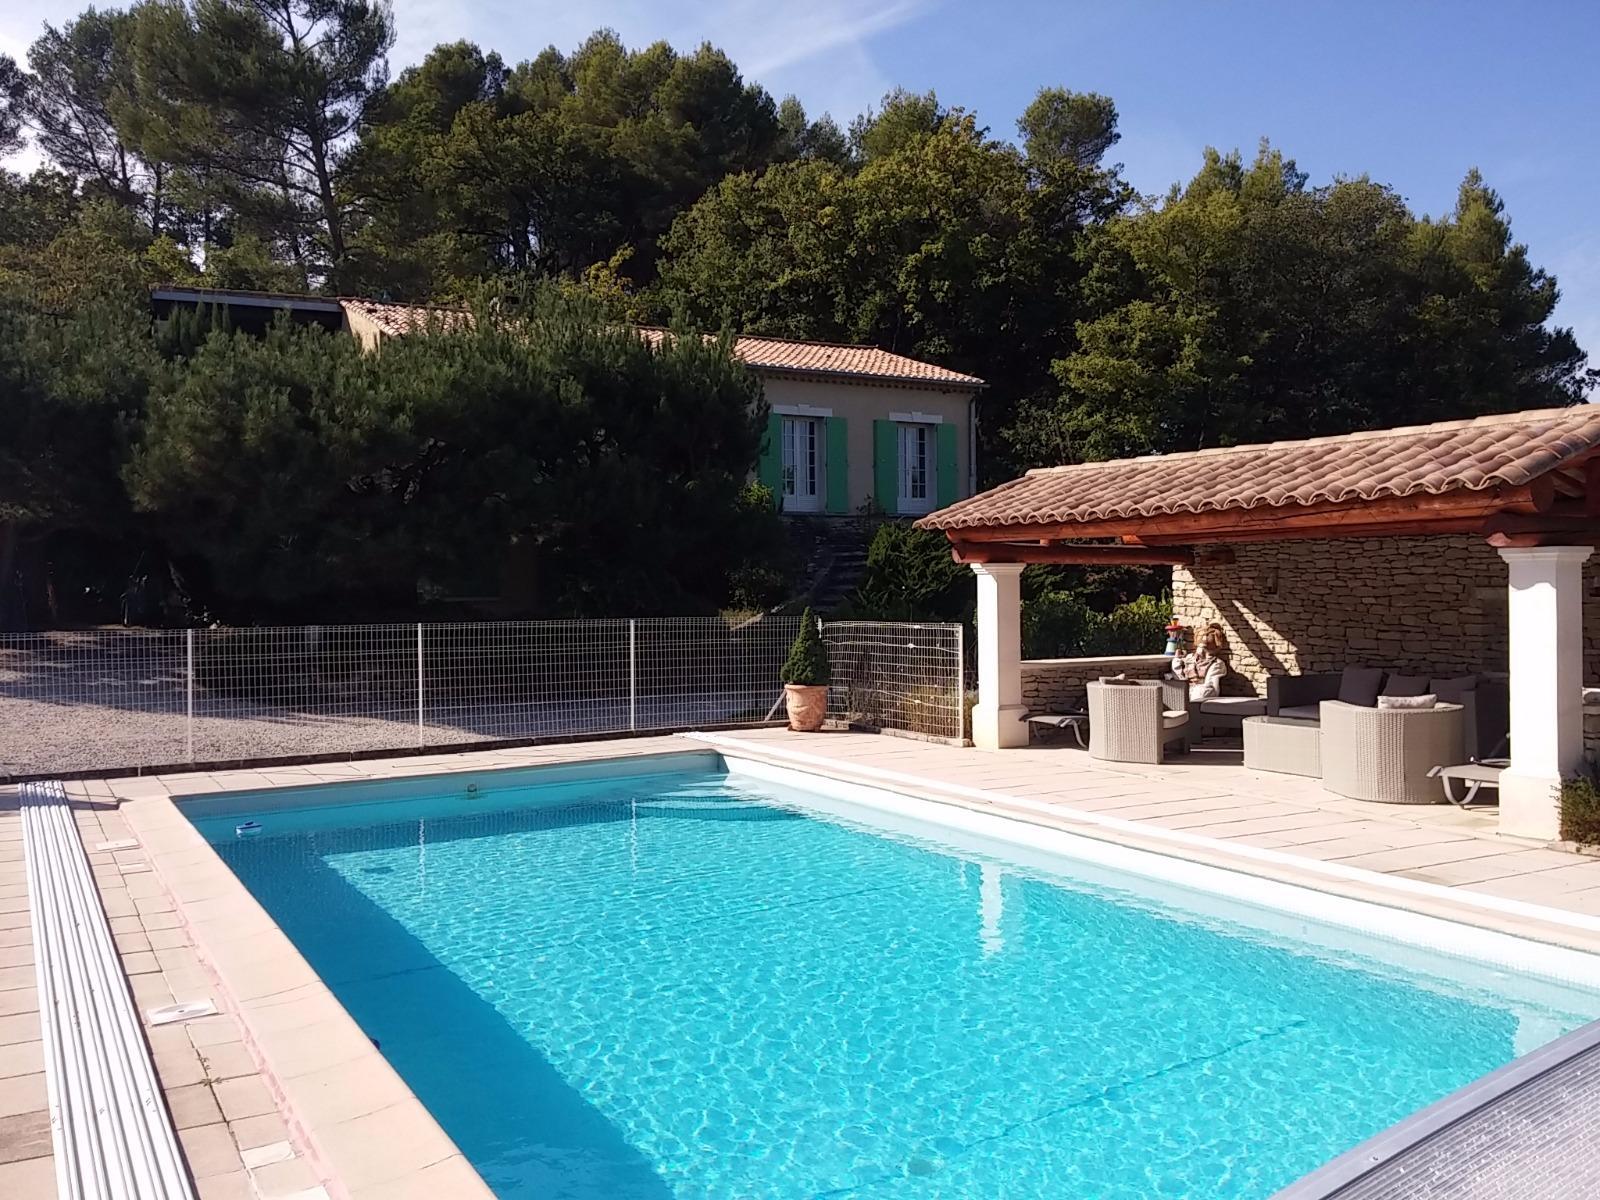 Offres Locations Vacances Maison Avec Piscine Opp De